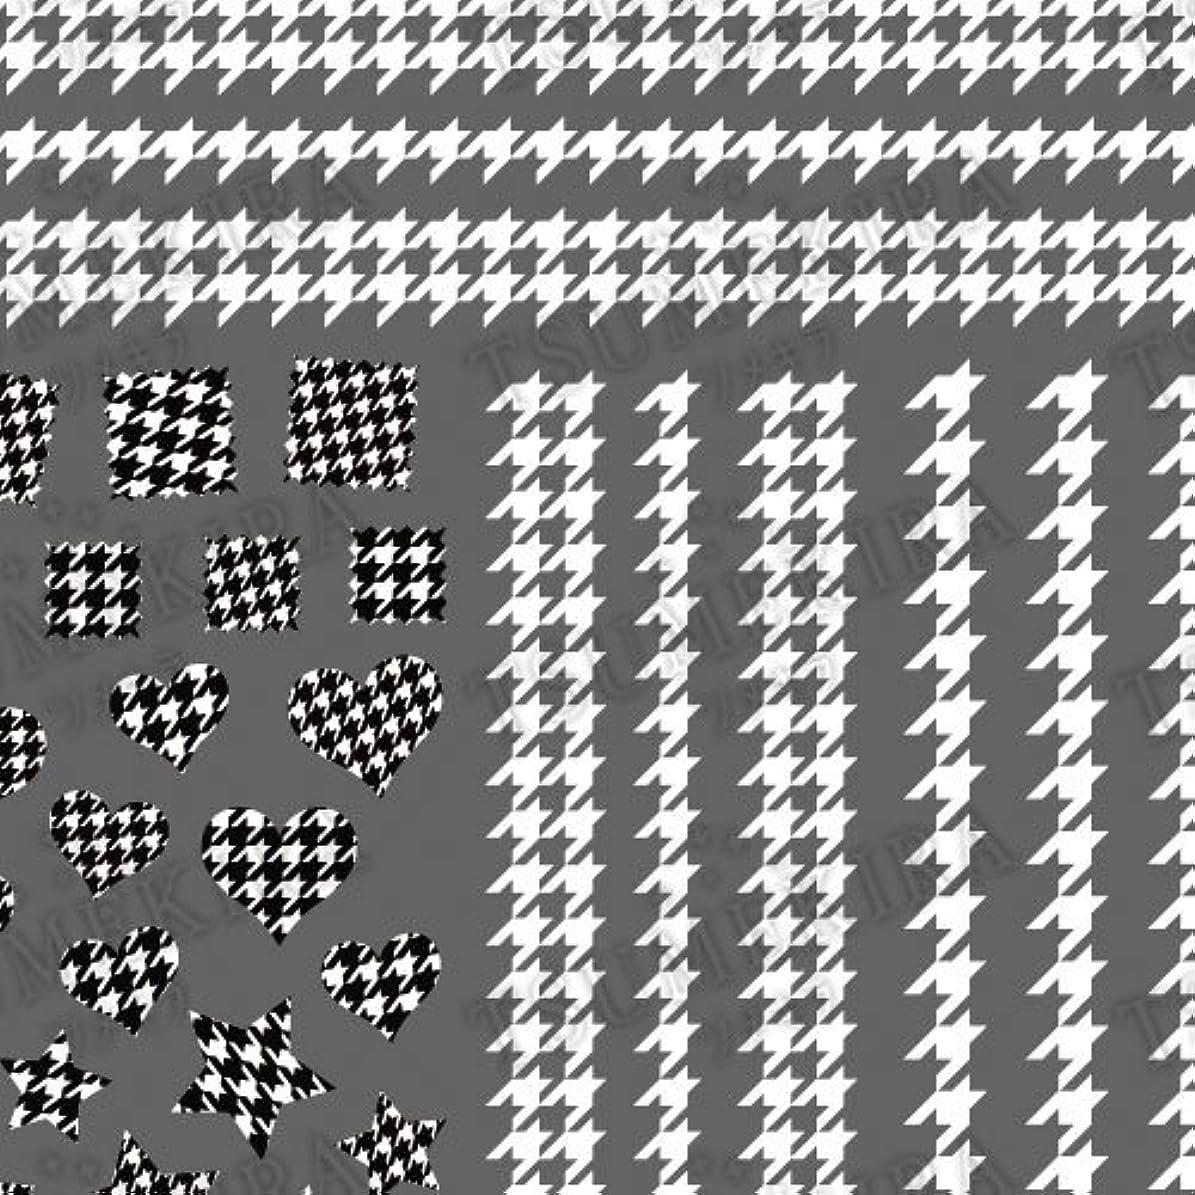 尊敬する深さ再生的ツメキラ ネイル用シール スタンダードスタイル 千鳥格子 ホワイト  NN-TEX-101